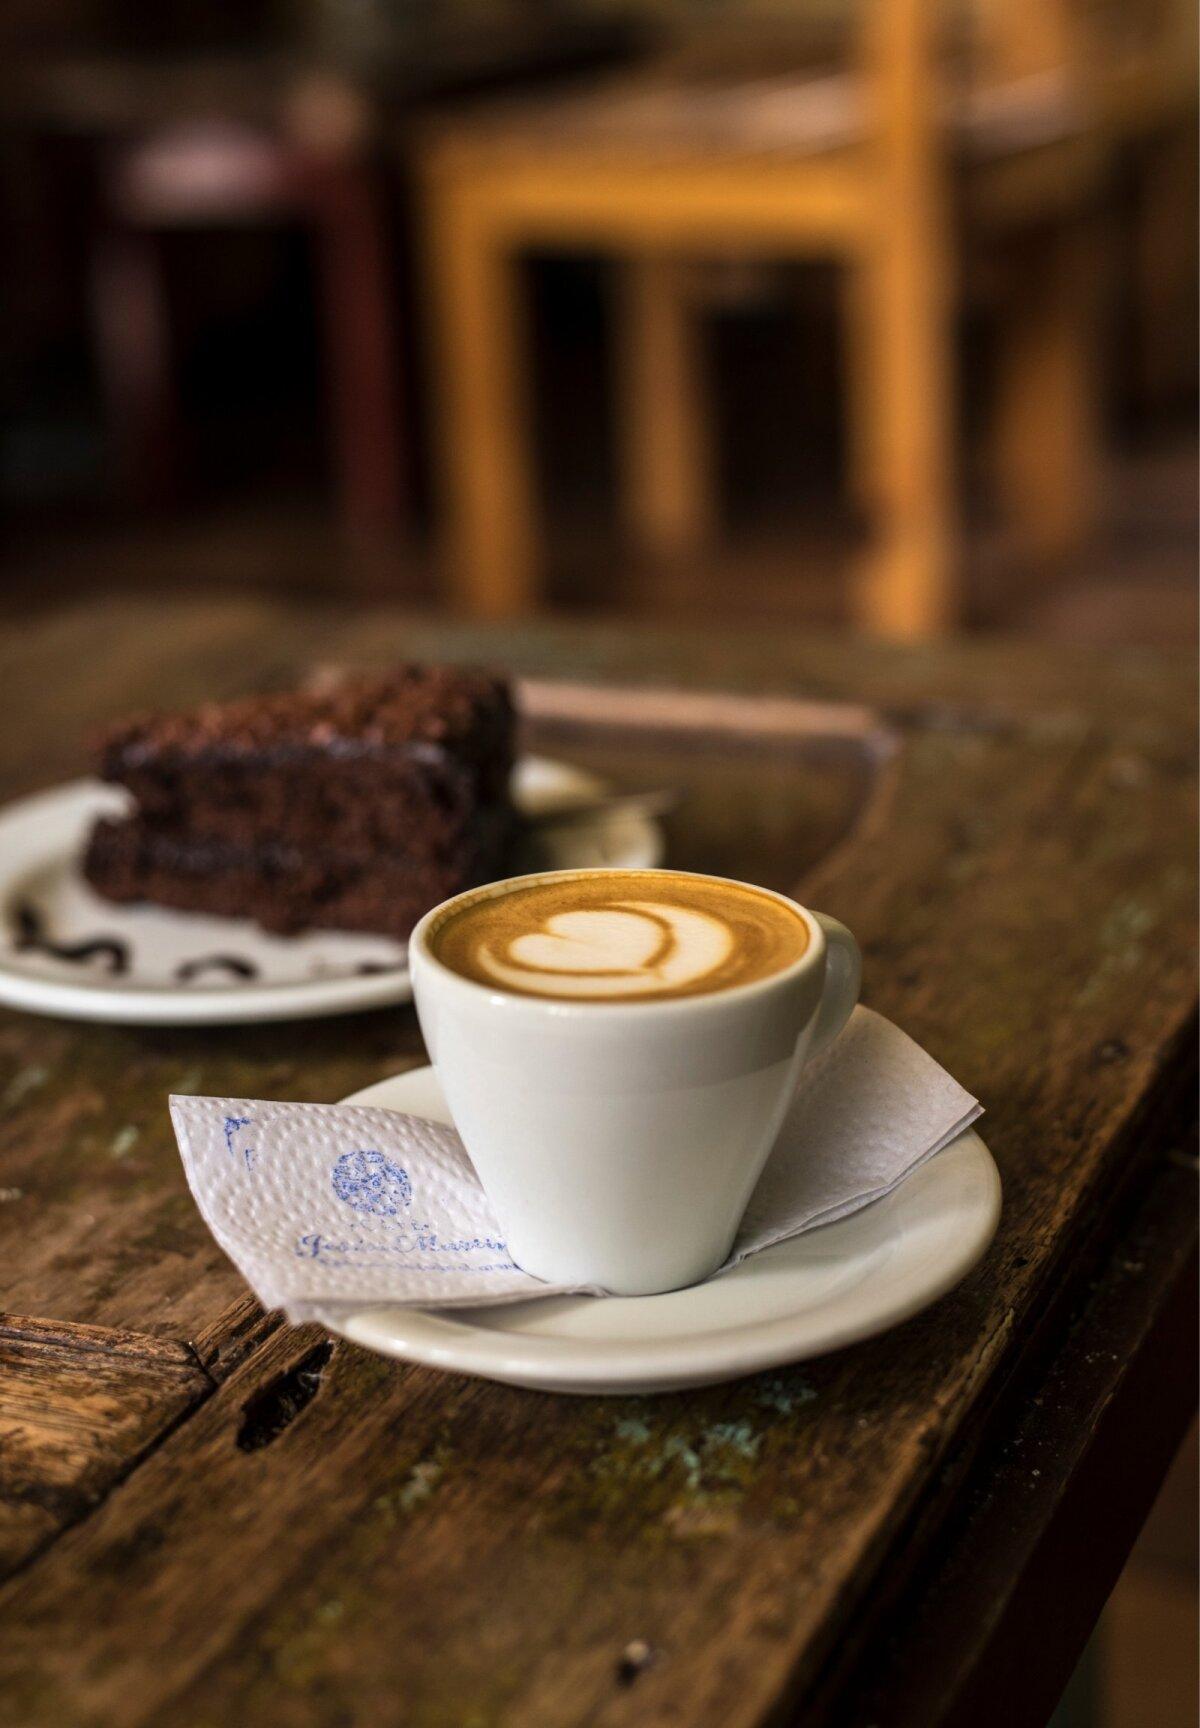 Ka kohvipiirkonna kõige väiksemates külades on kohvi serveerimine viidud tasemele, mida isegi Euroopa gurmeepealinnades on natuke raske ette kujutada.